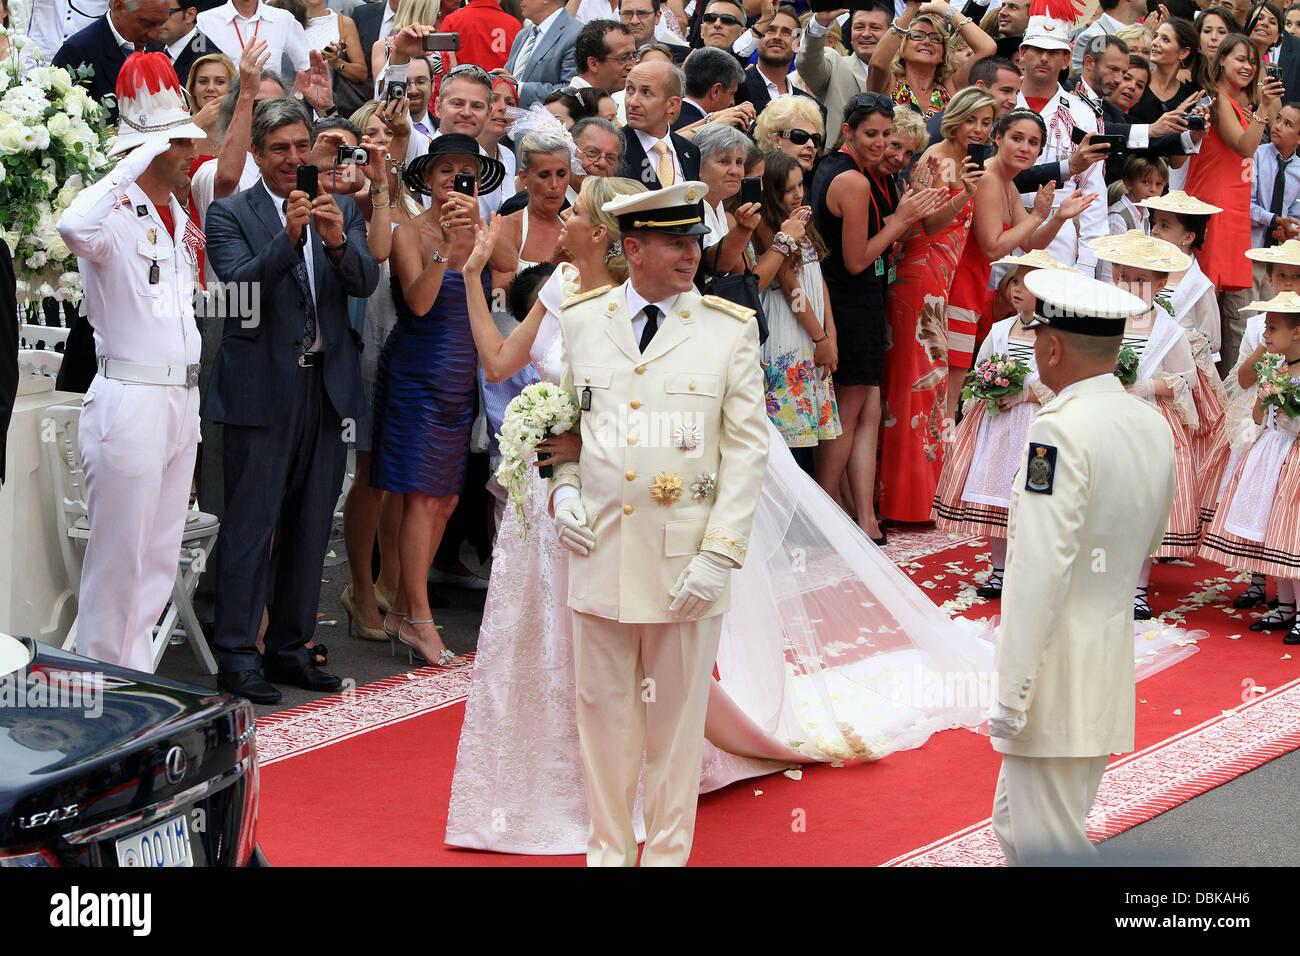 Fürst Albert II von Monaco und Charlene Wittstock Religious Zeremonie für die königliche Hochzeit von Prinz Albert II von Monaco, Charlene Wittstock im Ehrenhof im fürstlichen Palast Monte Carlo, Monaco - 02.07.11 Stockfoto